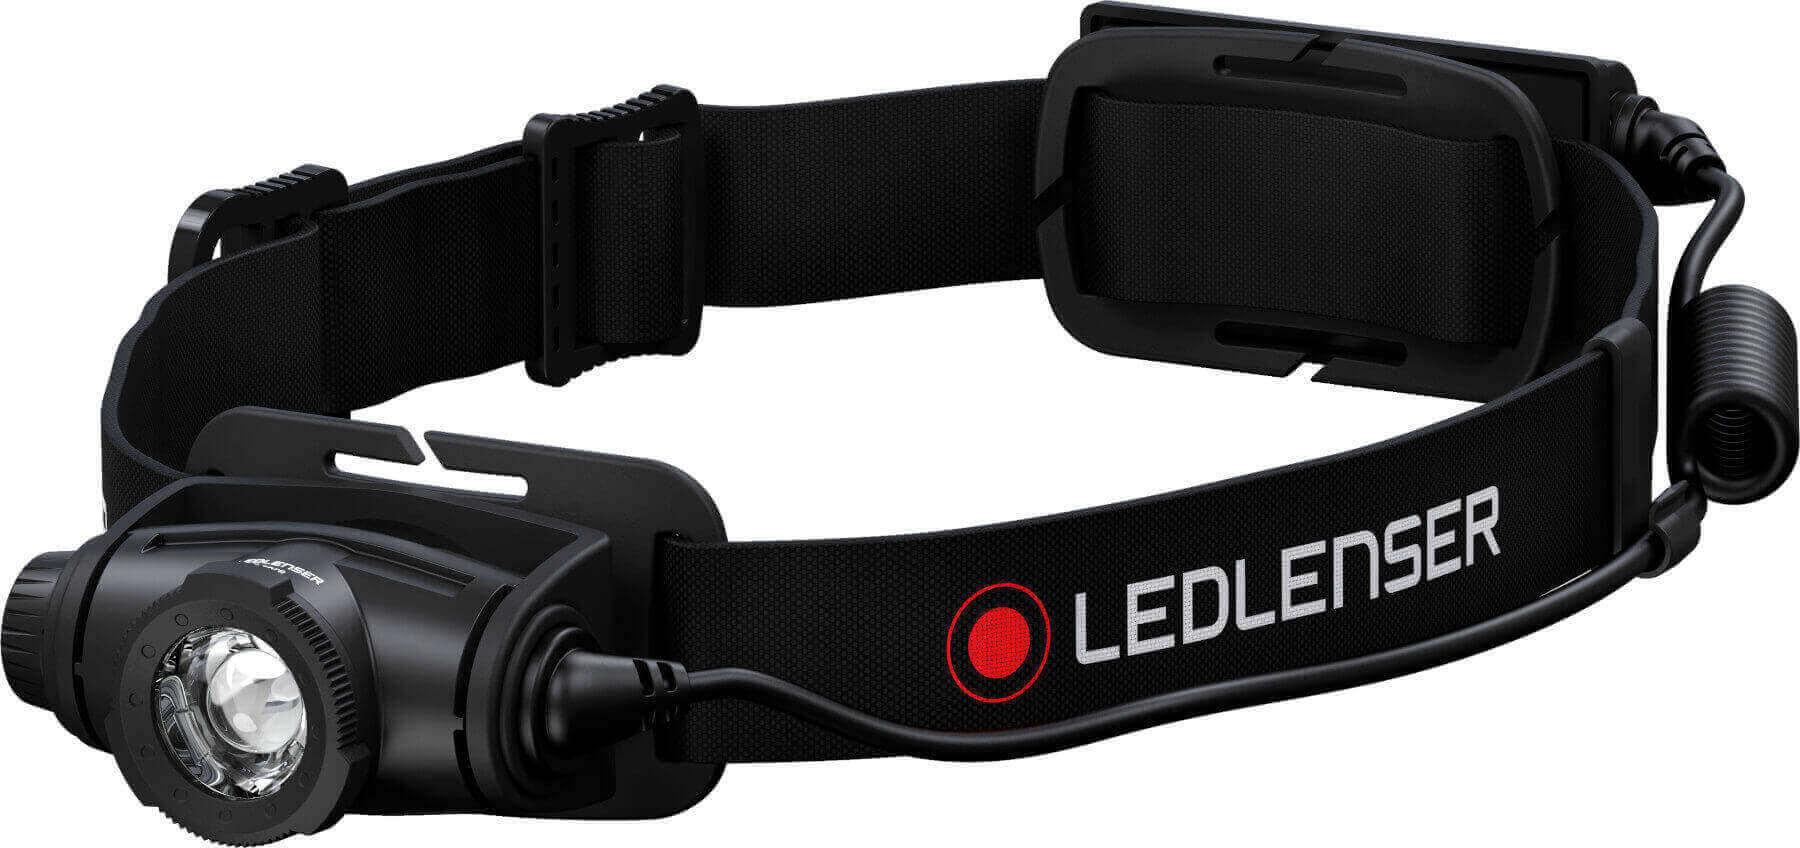 LED Stirnlampe schwarz mit LedLenser Schriftzug H5 Core